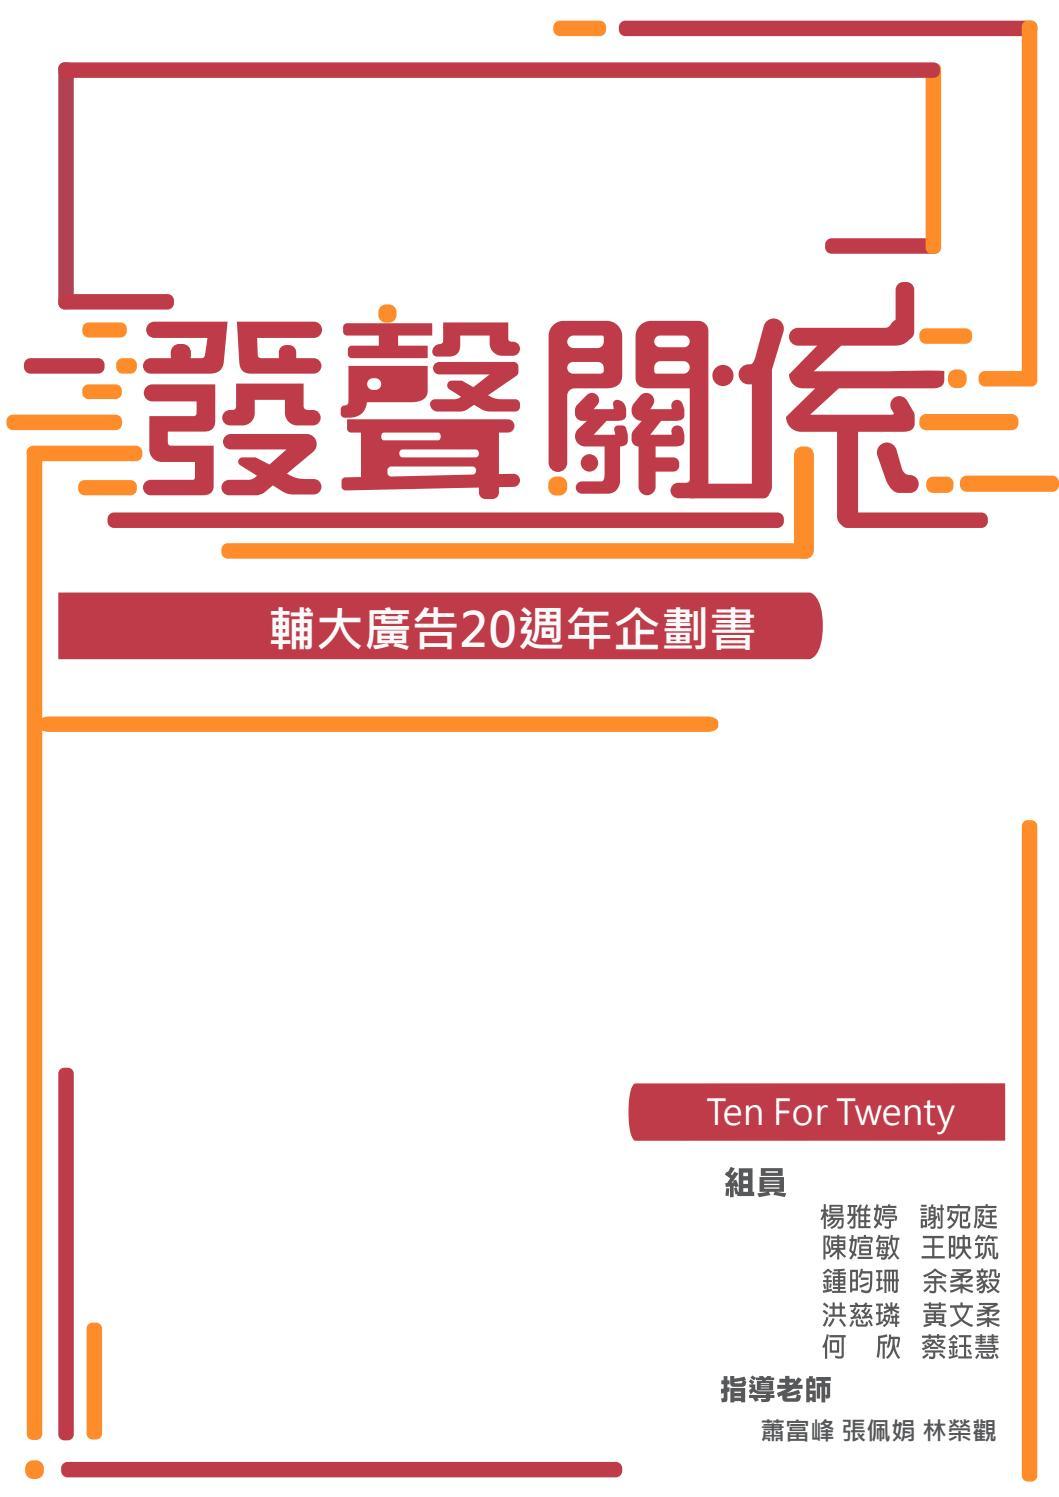 輔大廣告系20周年 畢業製作企畫書 by Yating Yang - Issuu